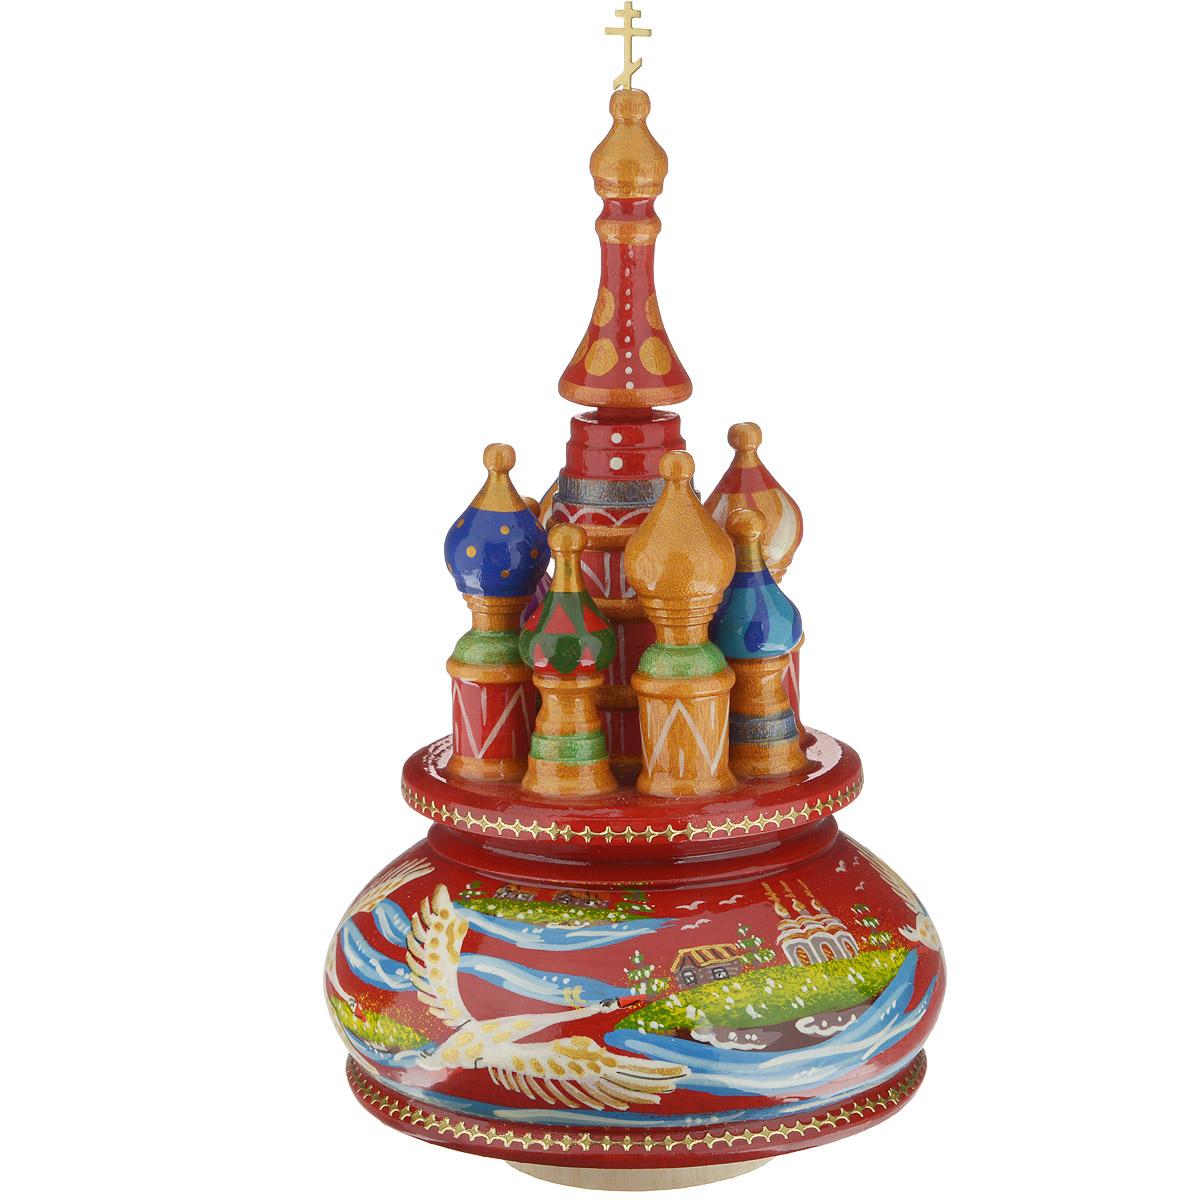 Фигурка декоративная Sima-land Храм, музыкальная, высота 21 см. 10799271079927Декоративная фигурка Sima-land Храм, выполненная из дерева в виде храма, покрыта лаком и оформлена красочными рисунками.Основание фигурки крутится и предназначено для завода музыкального механизма. Поверните основание фигурки, и она начнет медленно вращаться, и заиграет приятная мелодия. Декоративная музыкальна фигурка Sima-land Храм не оставит равнодушным ни одного любителя изысканных вещей и станет прекрасным подарком. Размер фигурки: 11 см х 11 см х 21 см.